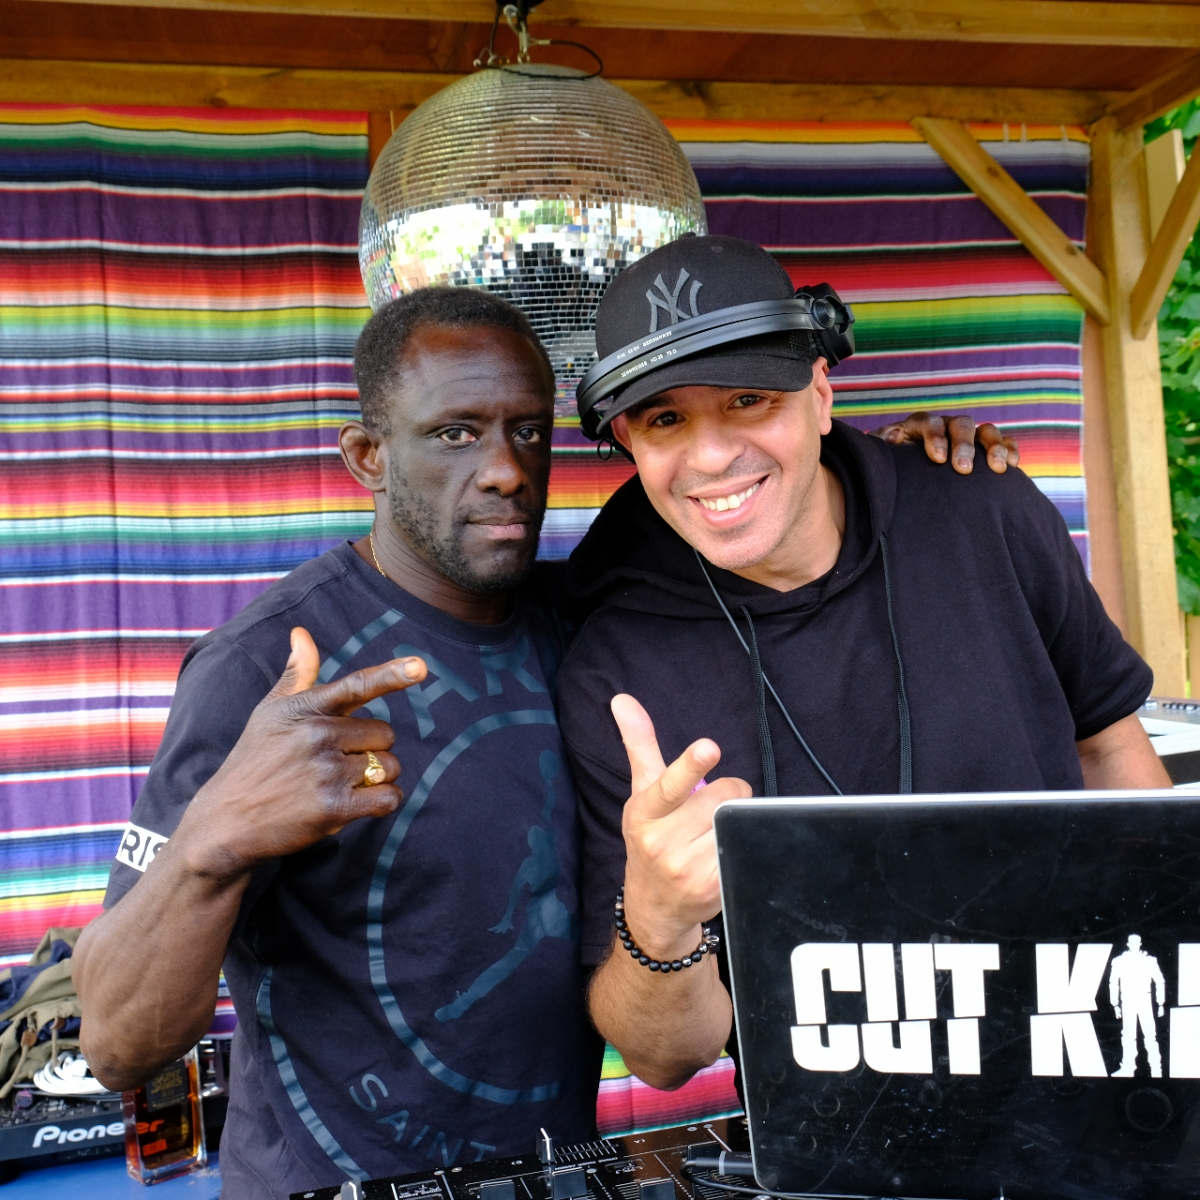 Solo est aux platines avec DJ Cut Killer, 2 pionniers de la scène Hip Hop française.